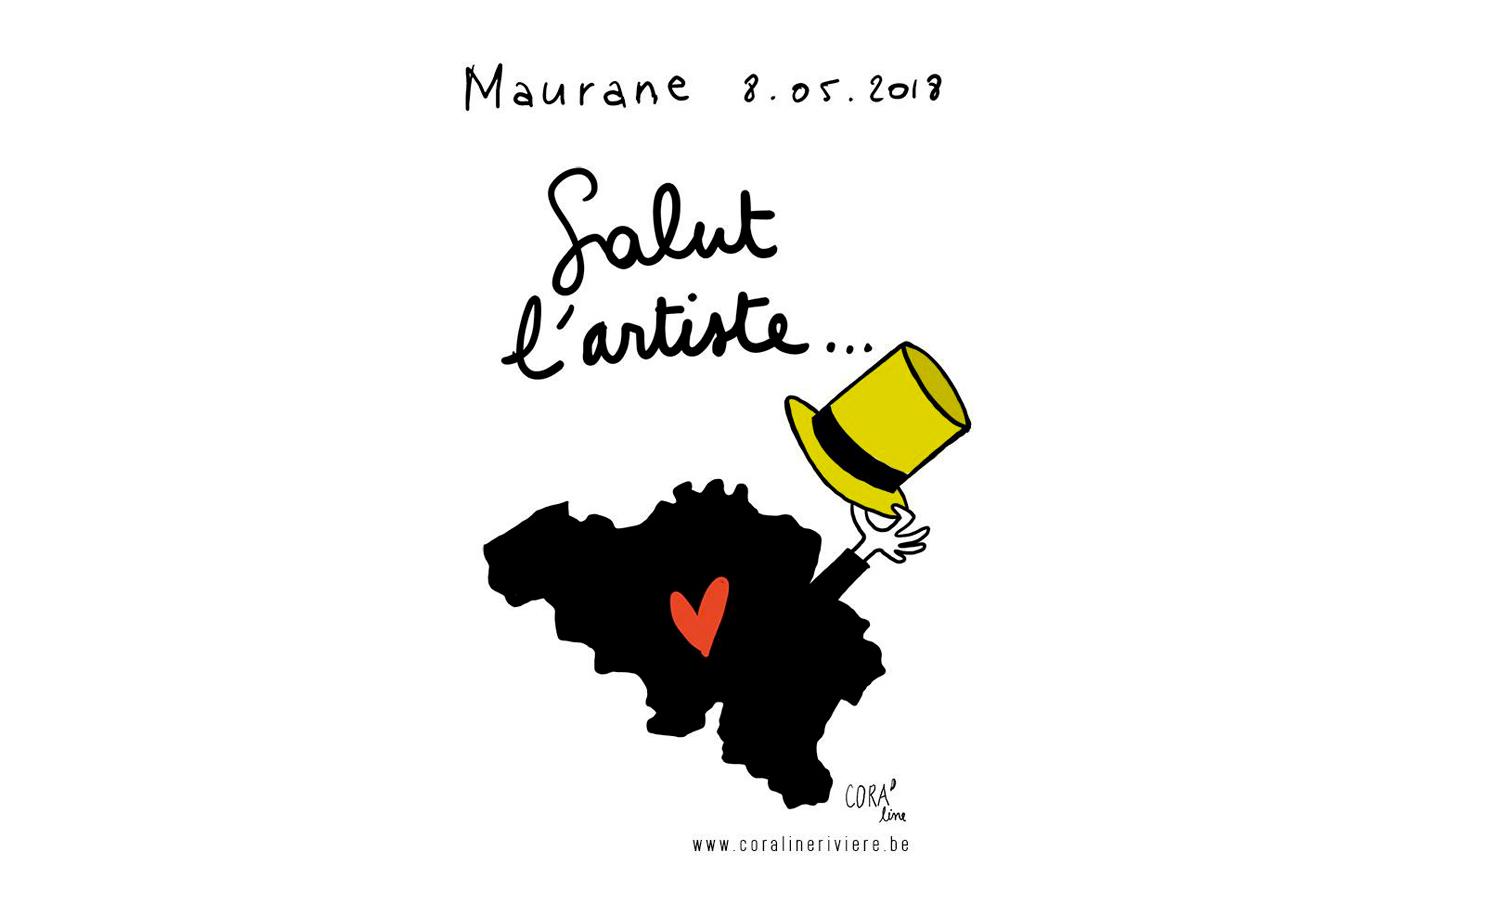 dessin du jour hommage mort maurane artiste belge 8 mai 2018